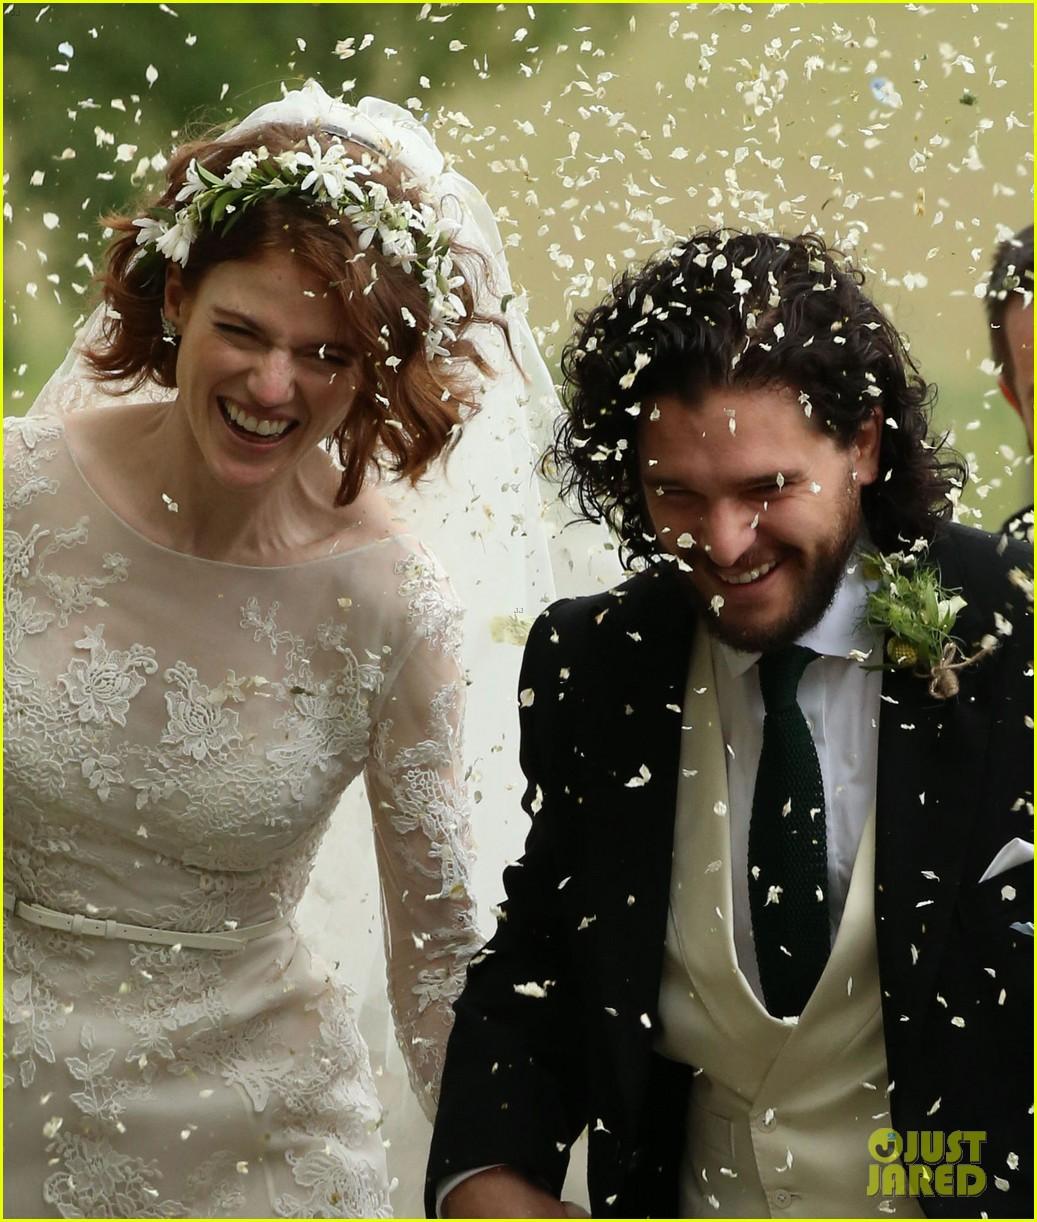 الثانى من حفل الزفاف